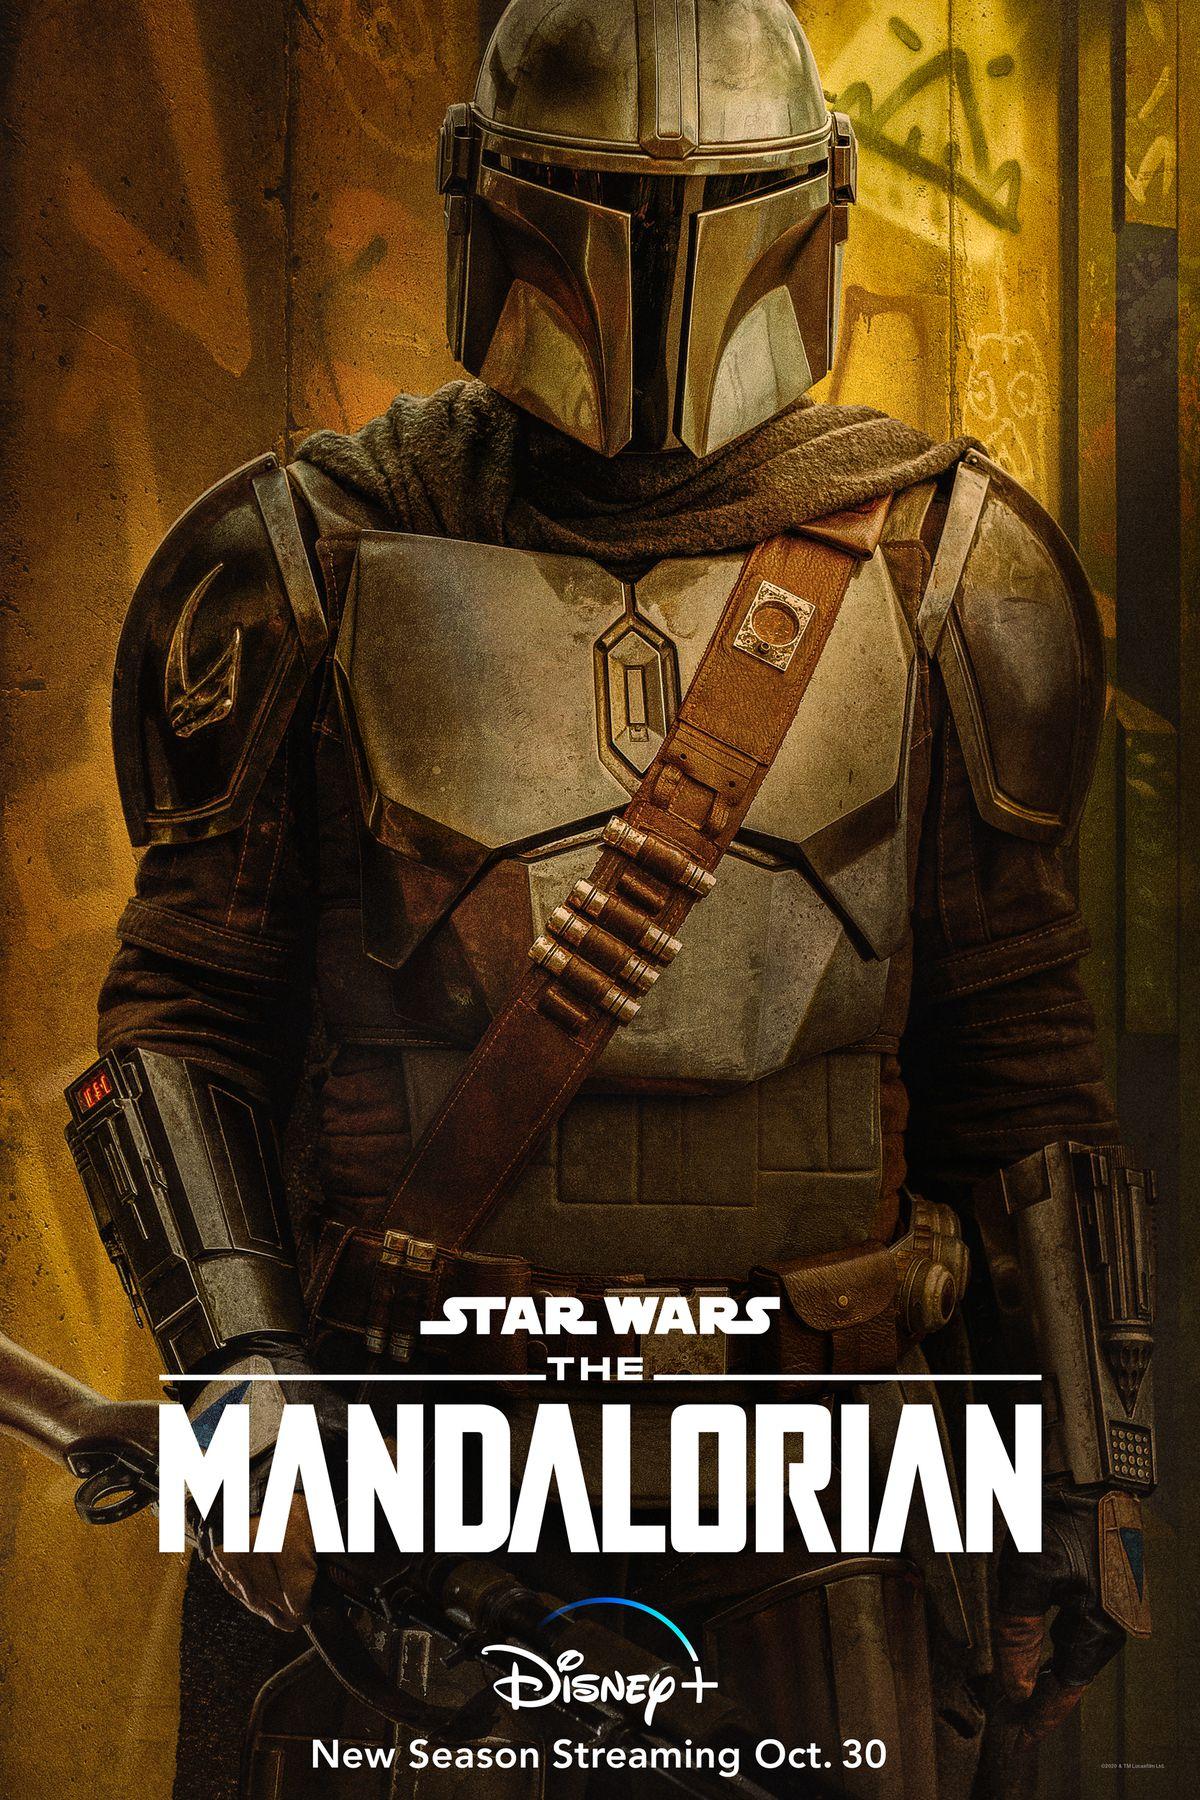 Star Wars The Mandalorian New Poster Art Leaks Online Deseret News